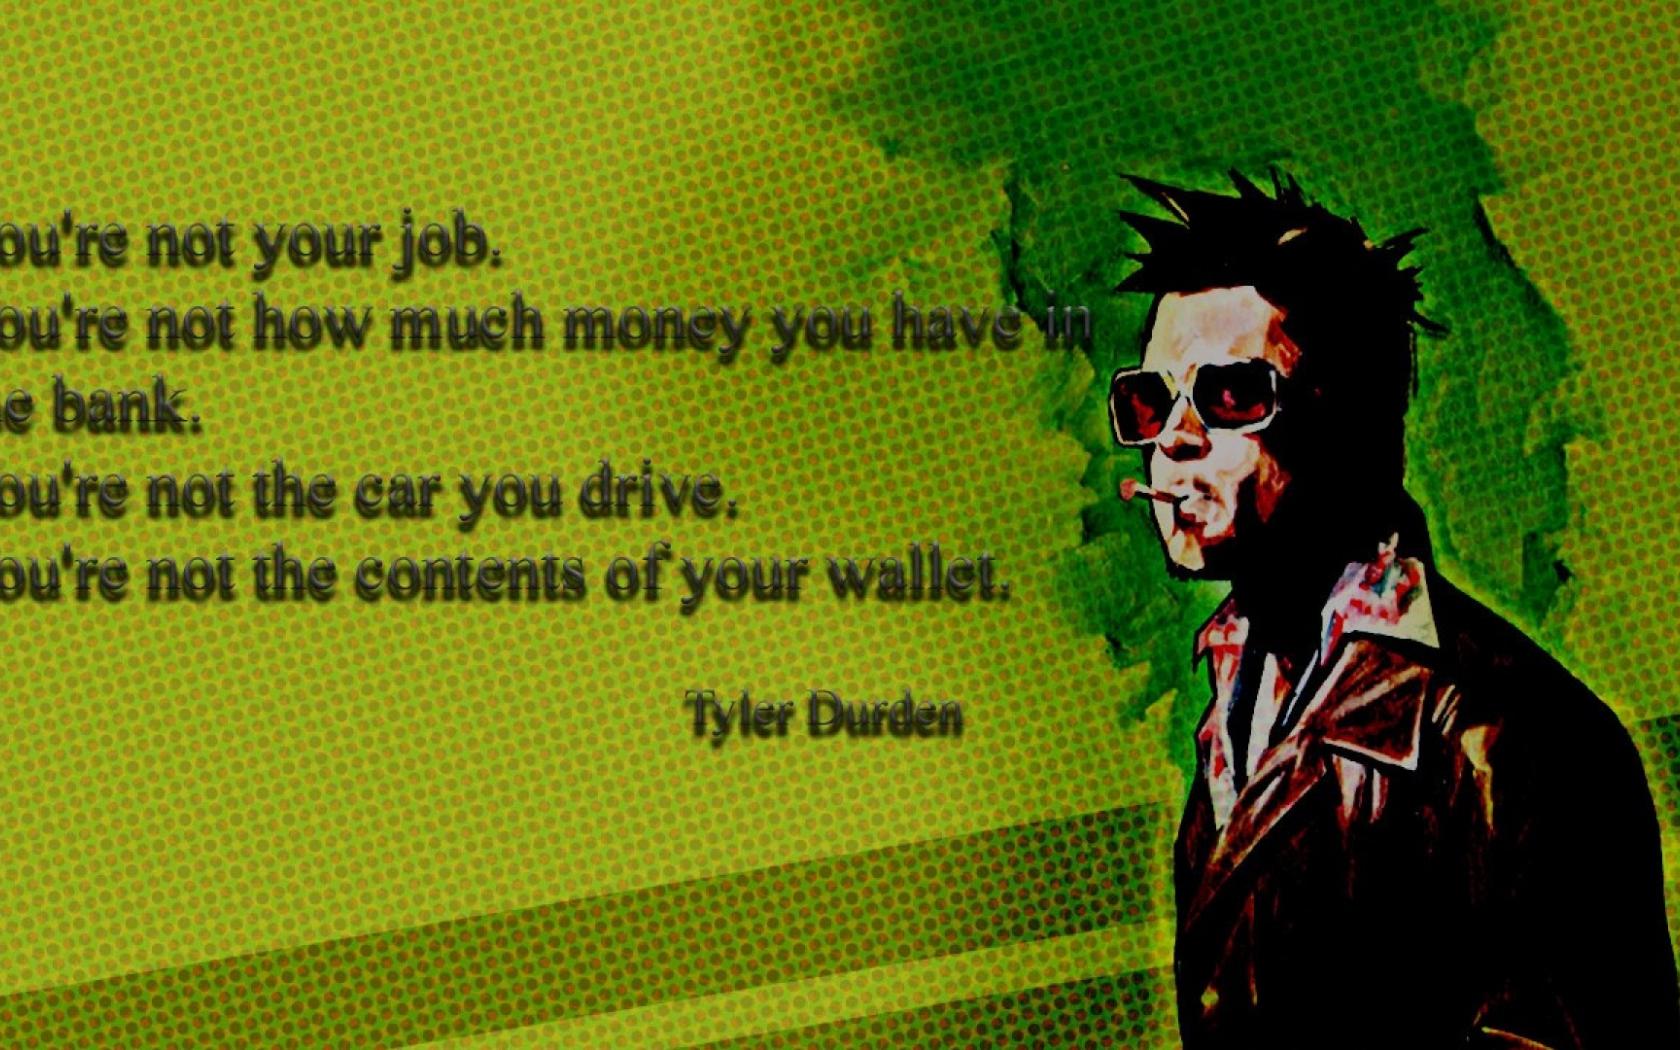 Free Download Wallpaperland Brad Pitt Fight Club Tyler Durden